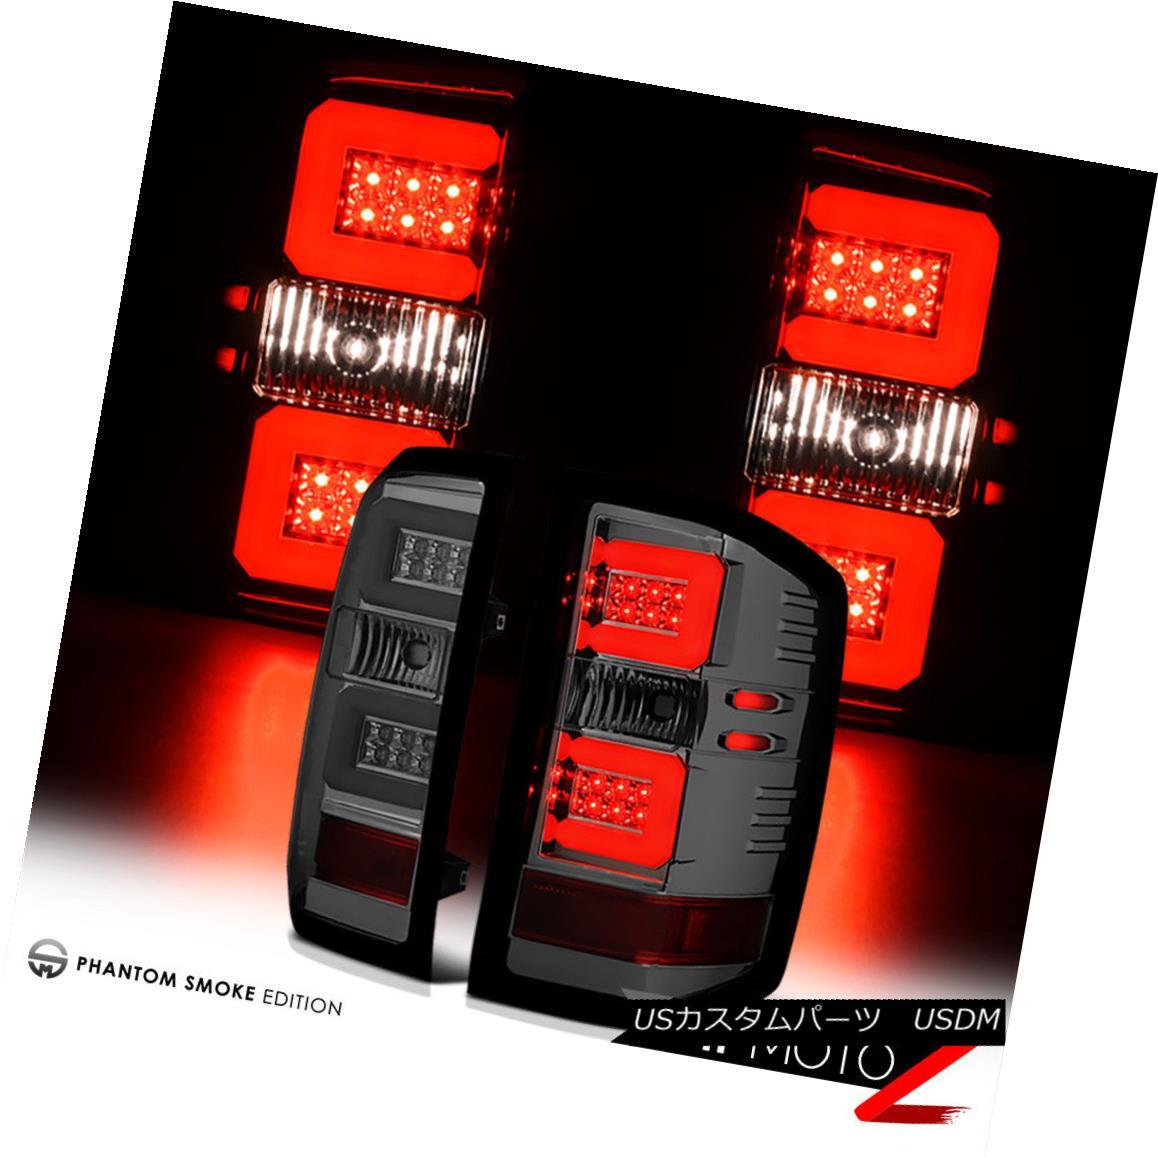 テールライト [SMOKE] LED Brake Lamps Tail Lights 2014-2018 Chevy Silverado 1500 2500HD 3500HD [SMOKE] LEDブレーキランプテールライト2014-2018 Chevy Silverado 1500 2500HD 3500HD